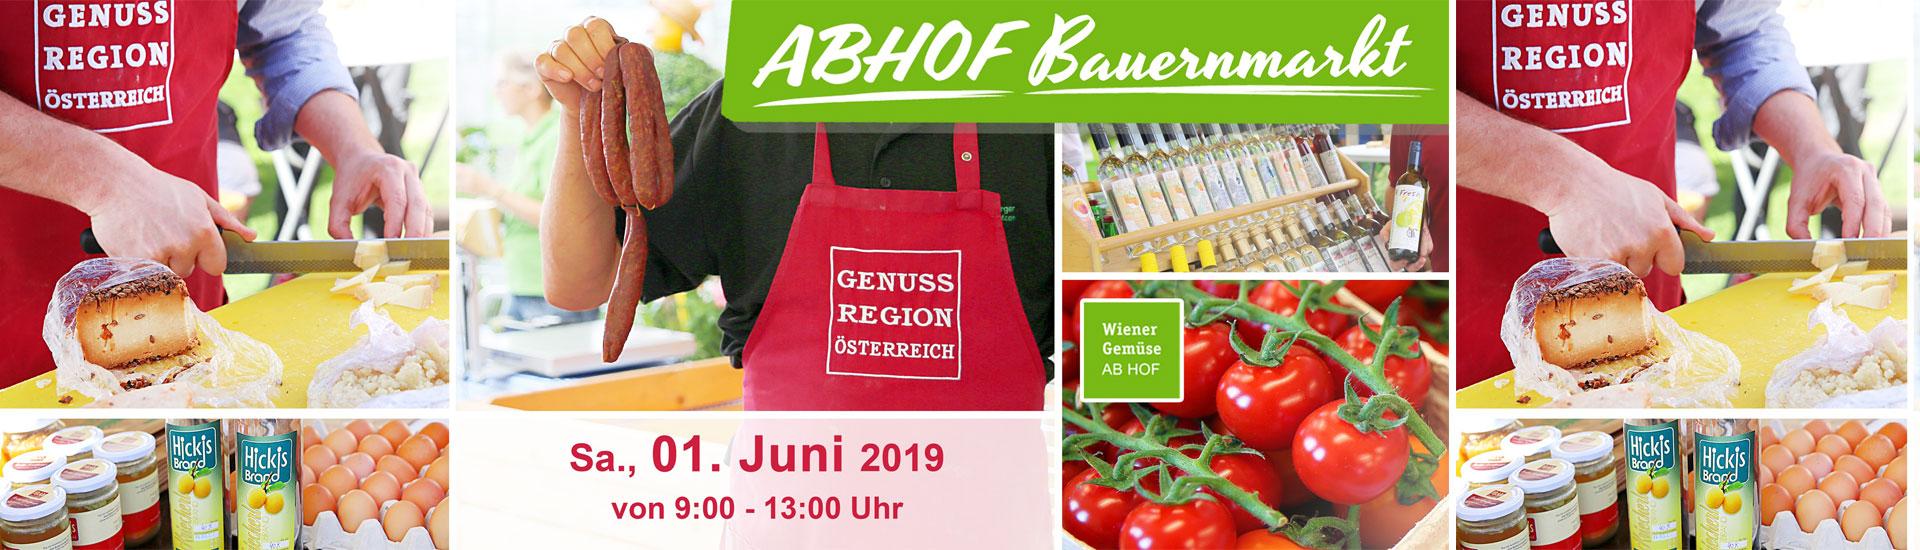 Gärtnerei Ganger | ABHOF Bauernmarkt 2019